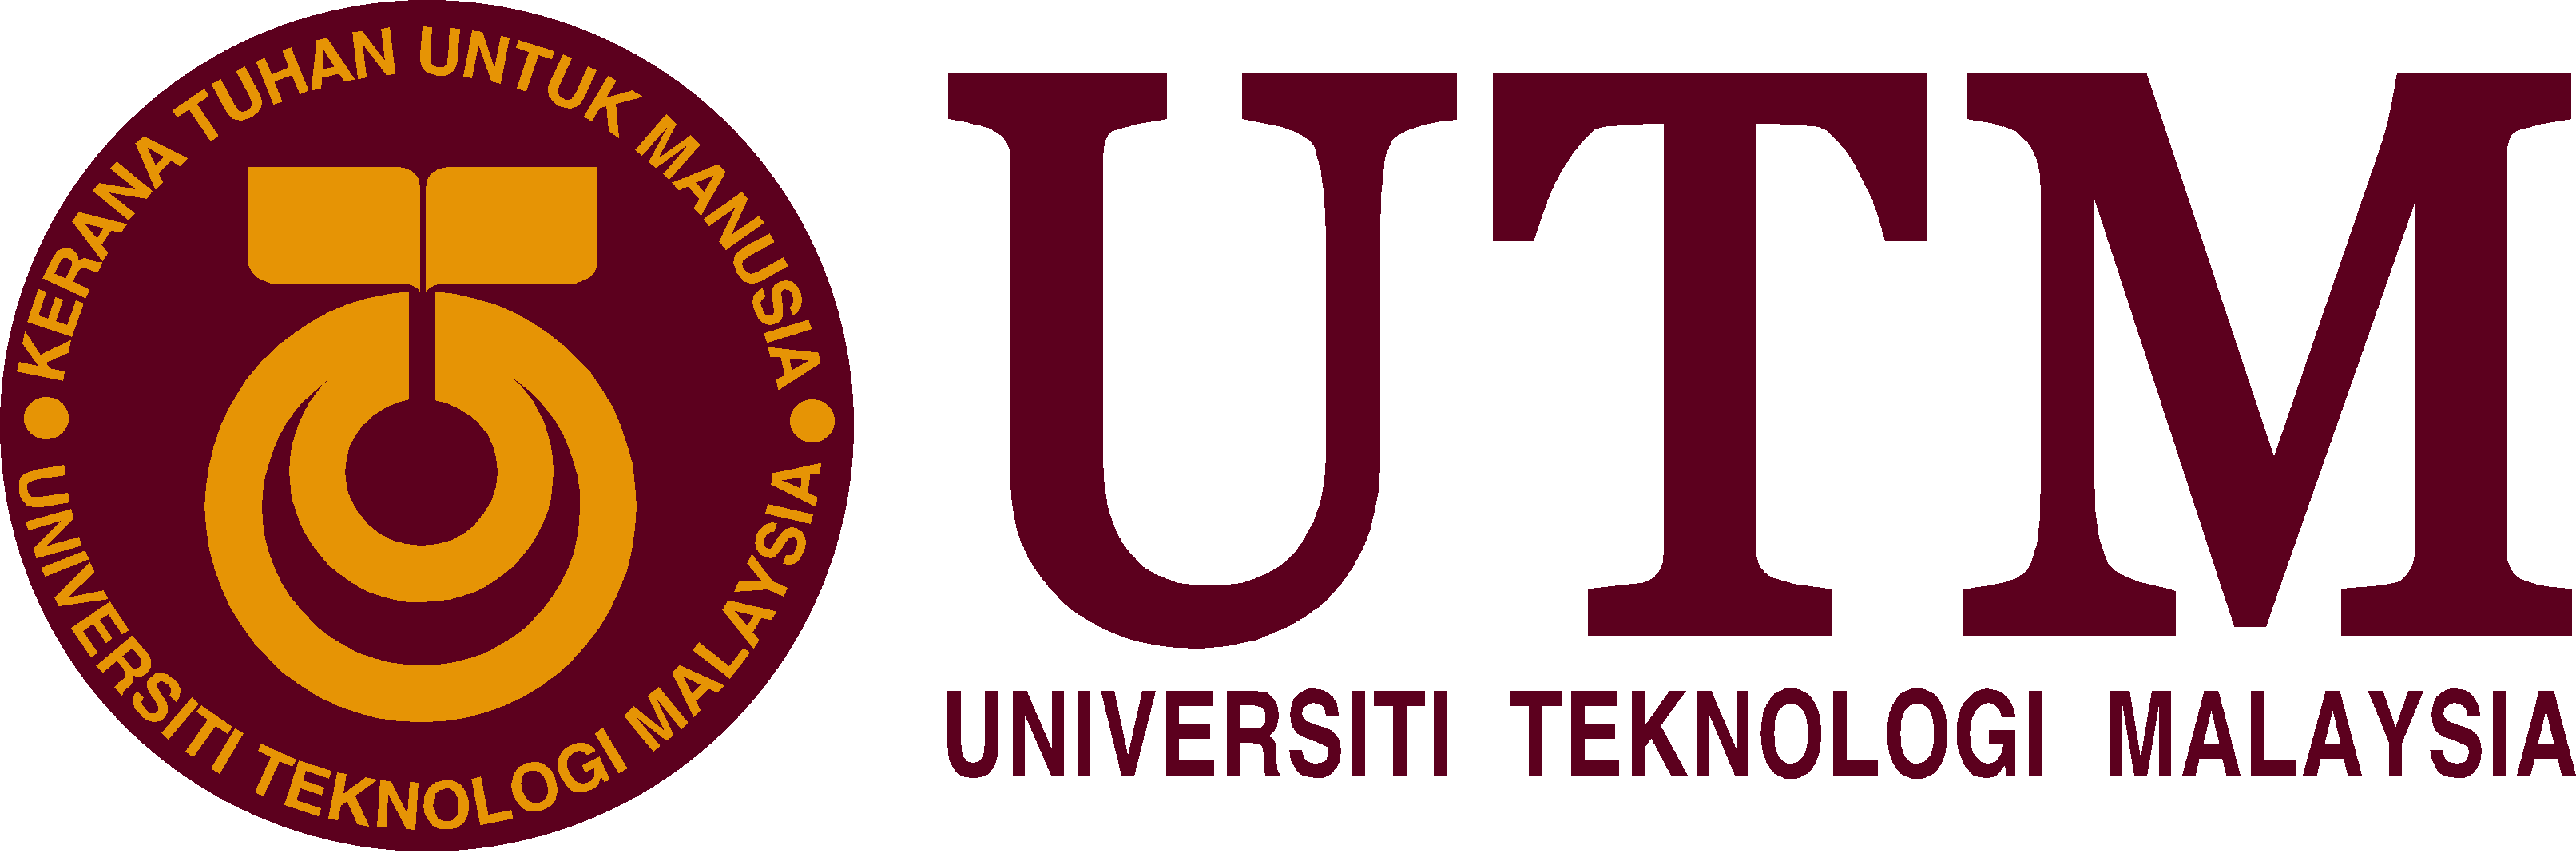 Univertsiti Teknologi Malaysia (UTM)